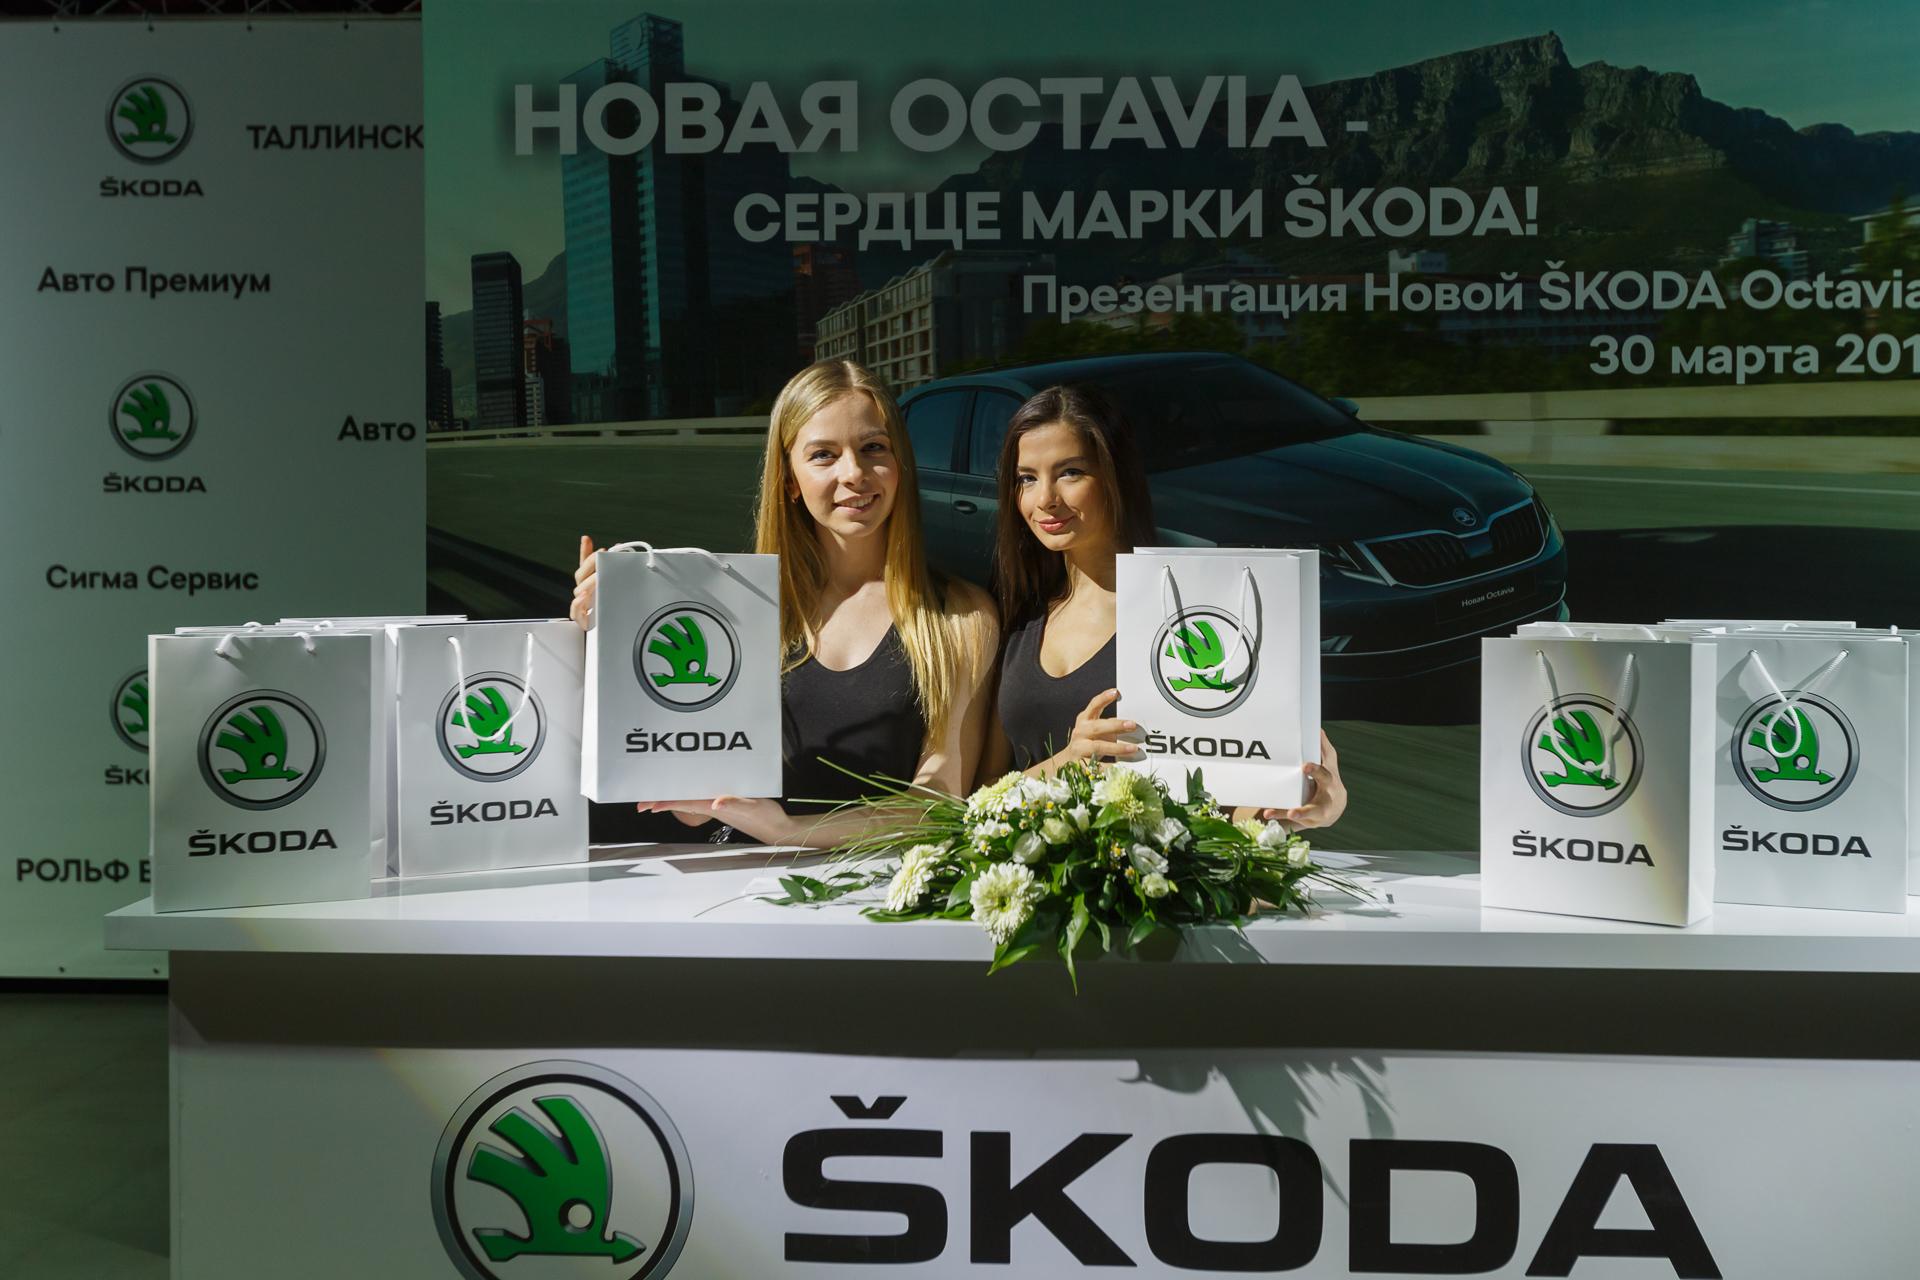 Галерея: как Петербург встретил новую SKODA Octavia